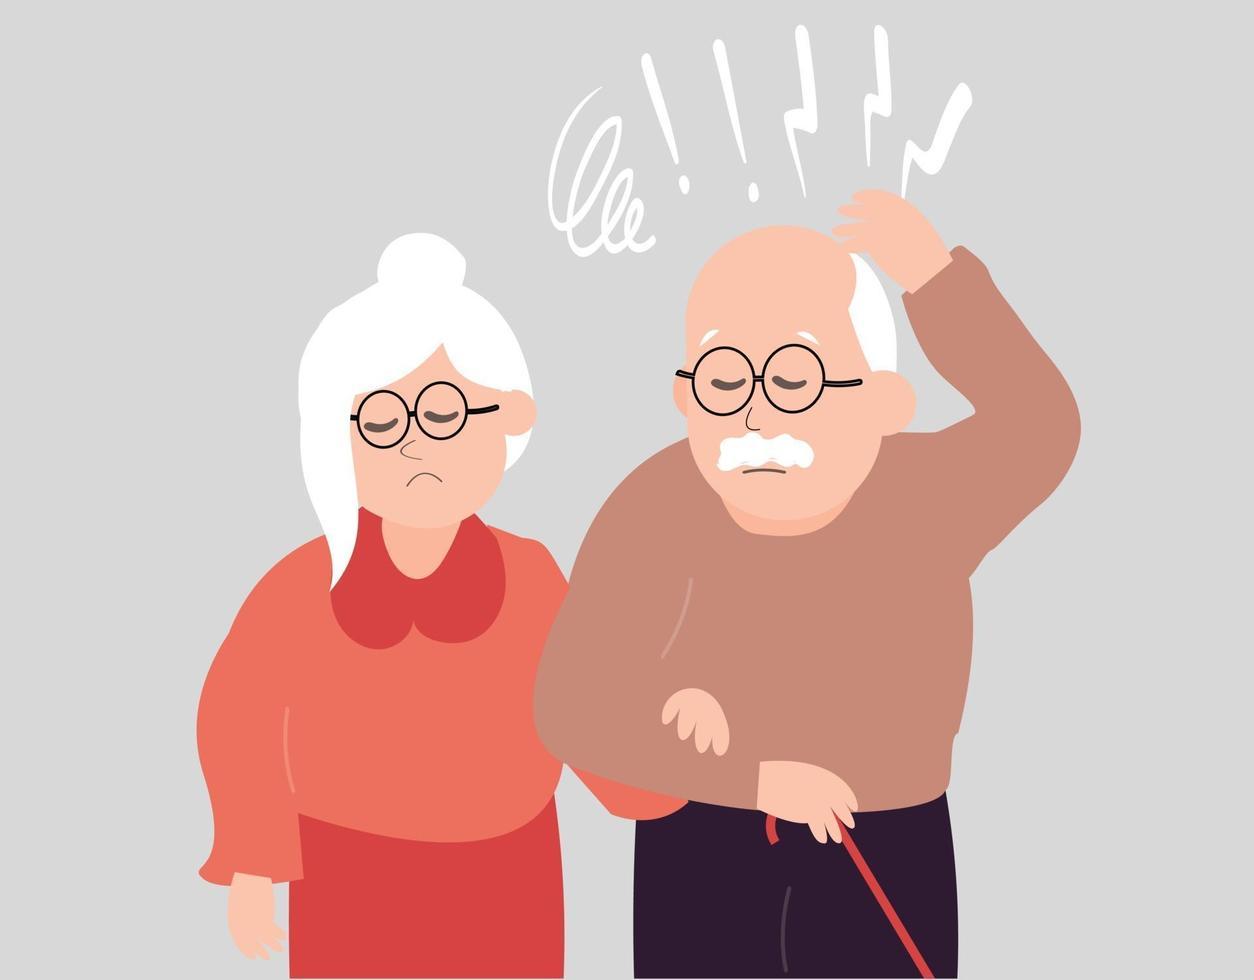 marido e mulher idosos com ansiedade. casal de idosos com alzheimer vetor